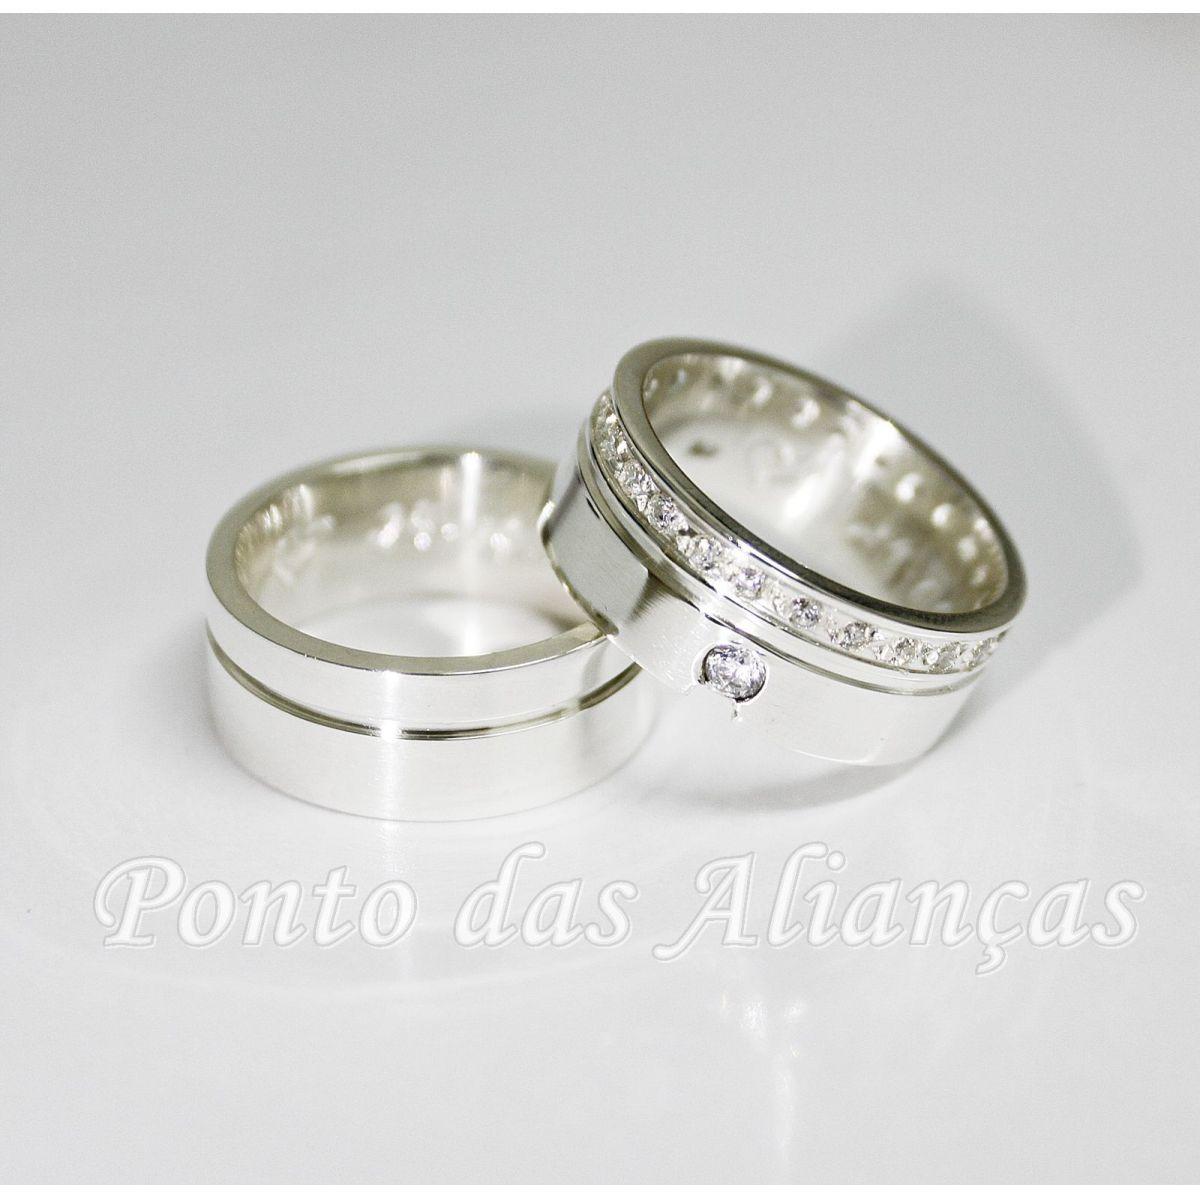 Alianças de Prata Compromisso - 3070